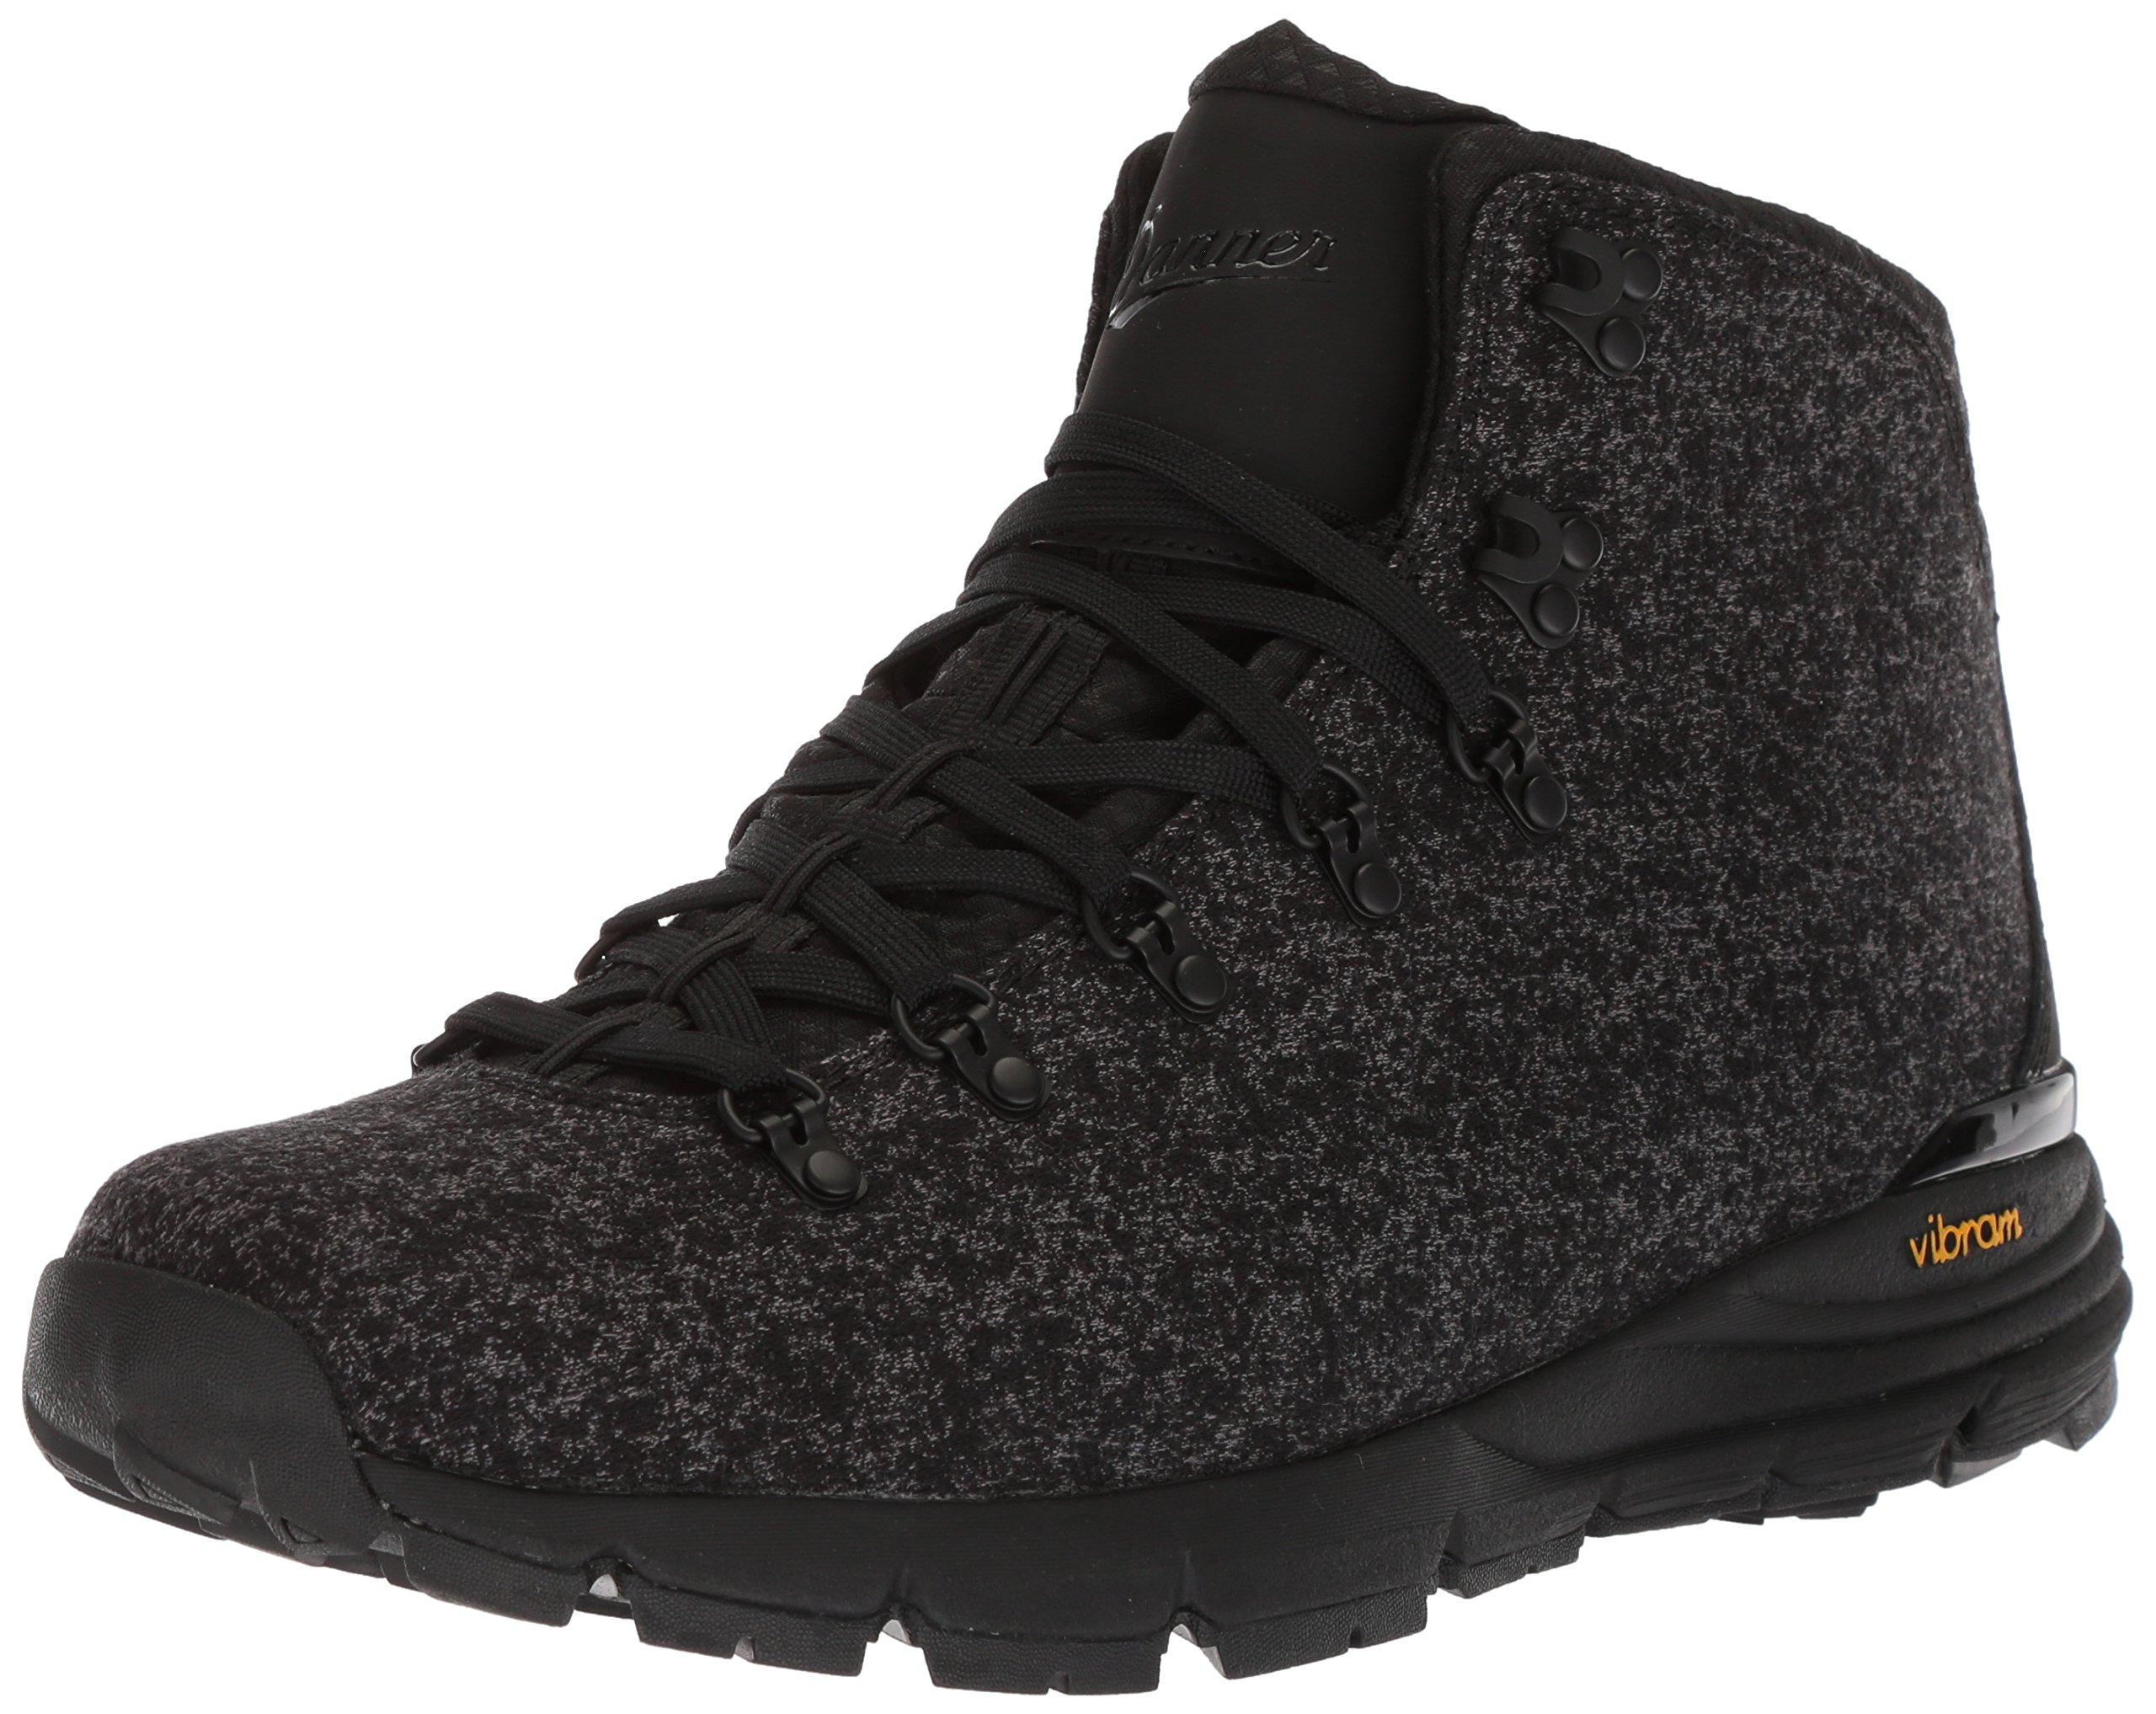 Danner Men's Mountain 600 Enduroweave 4.5''-M's Hiking Boot, Black, 10 2E US